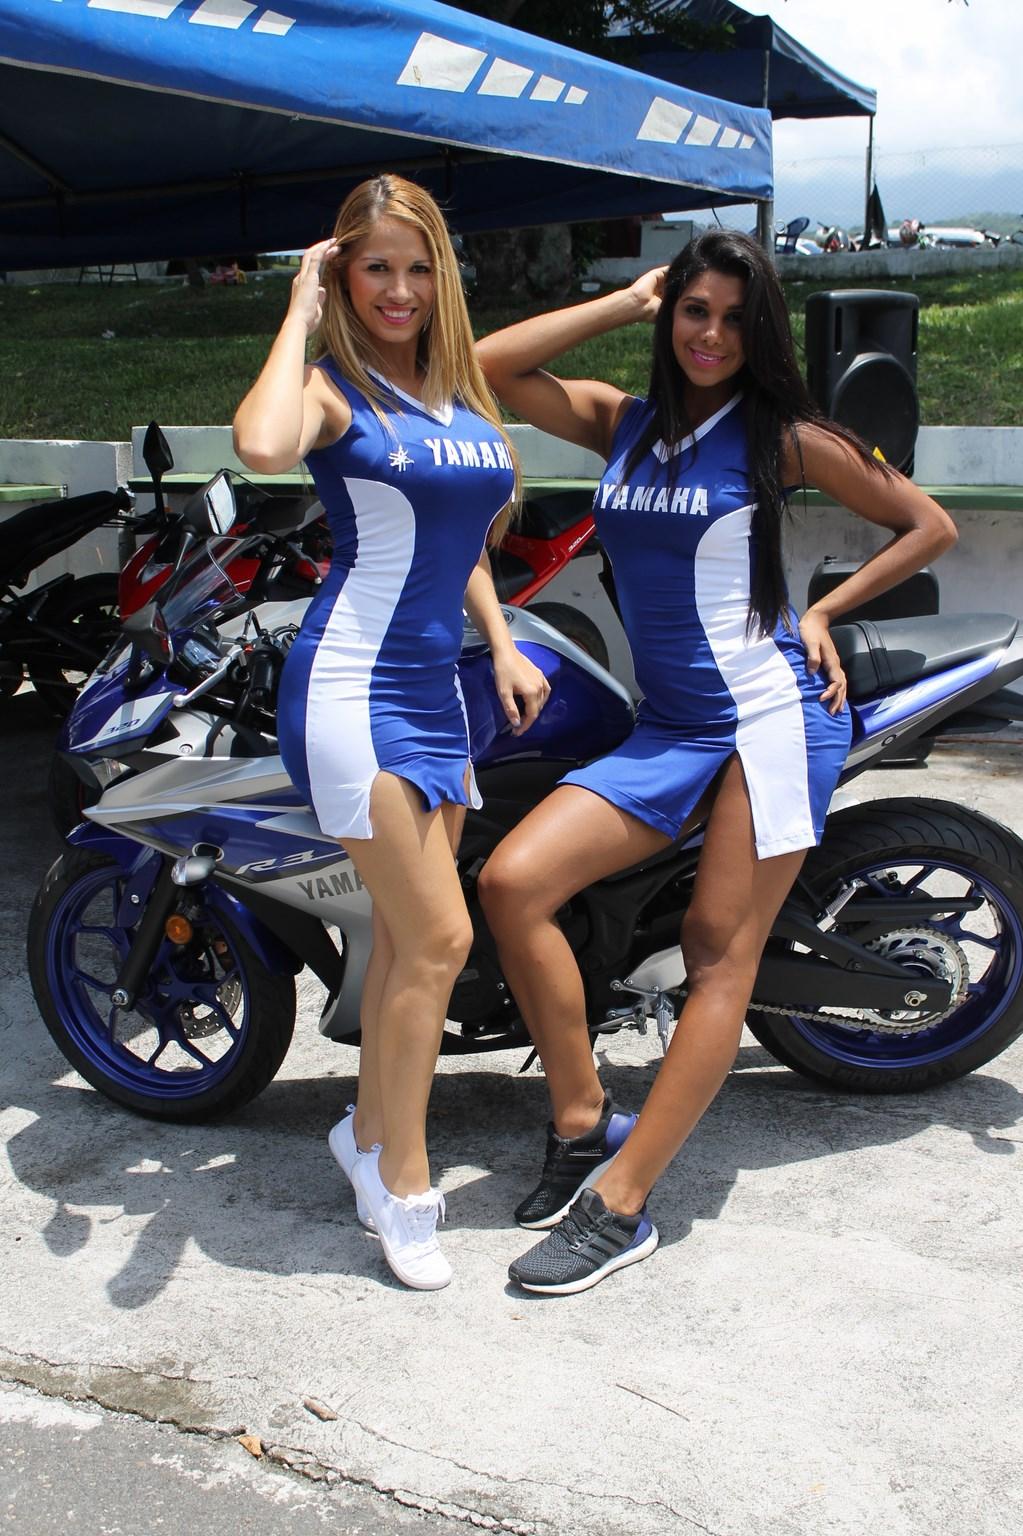 (((FOTOS))) Curvas y motocicletas